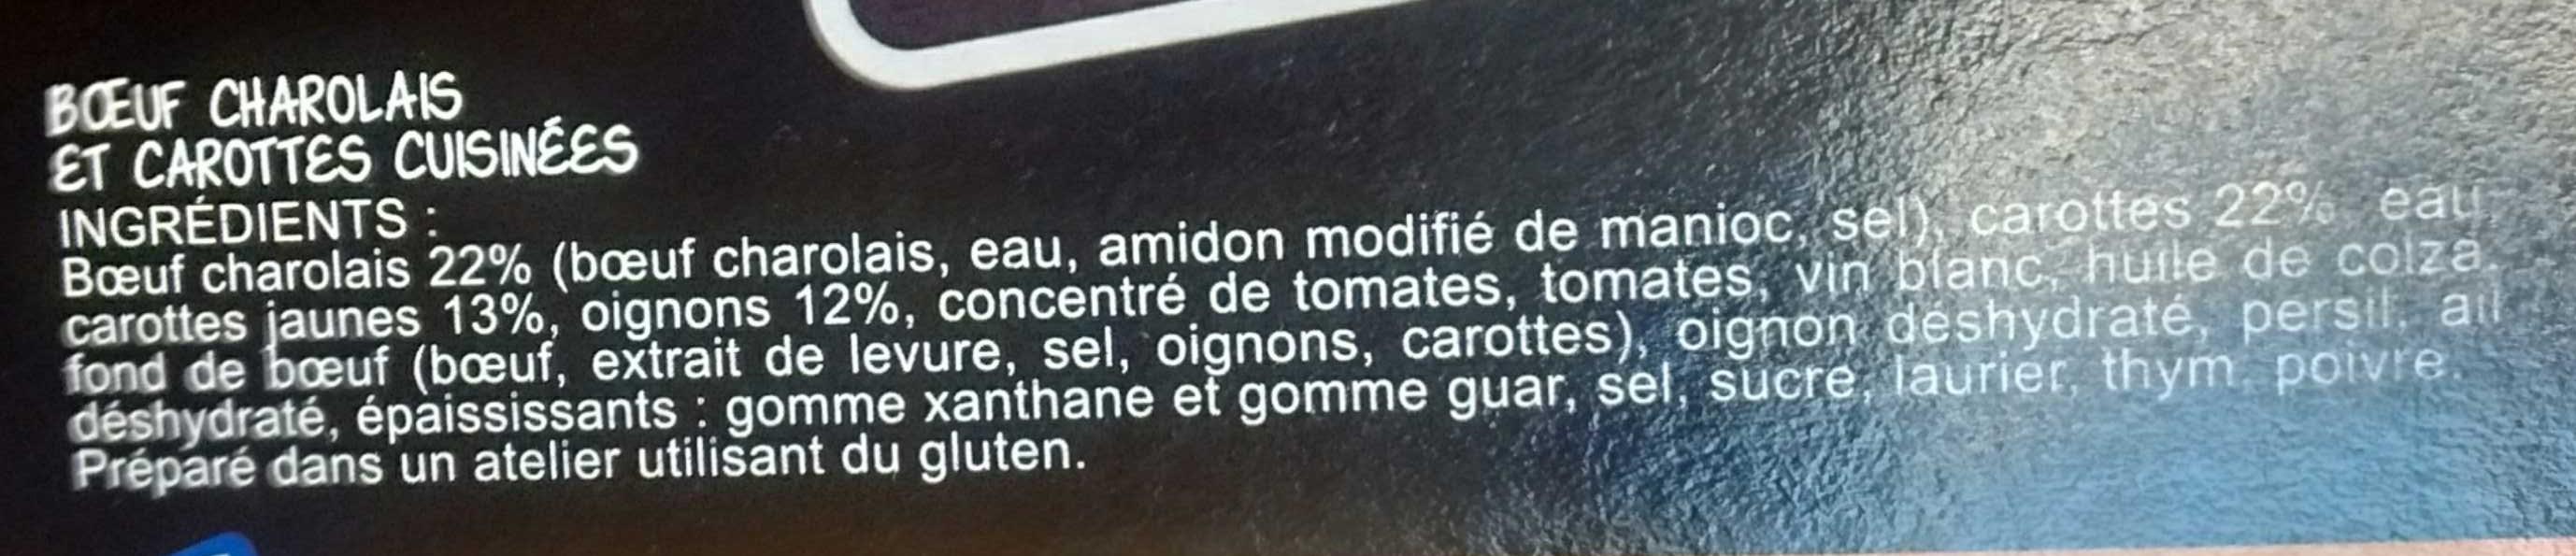 Bœuf charolais & carottes cuisinées - Ingrédients